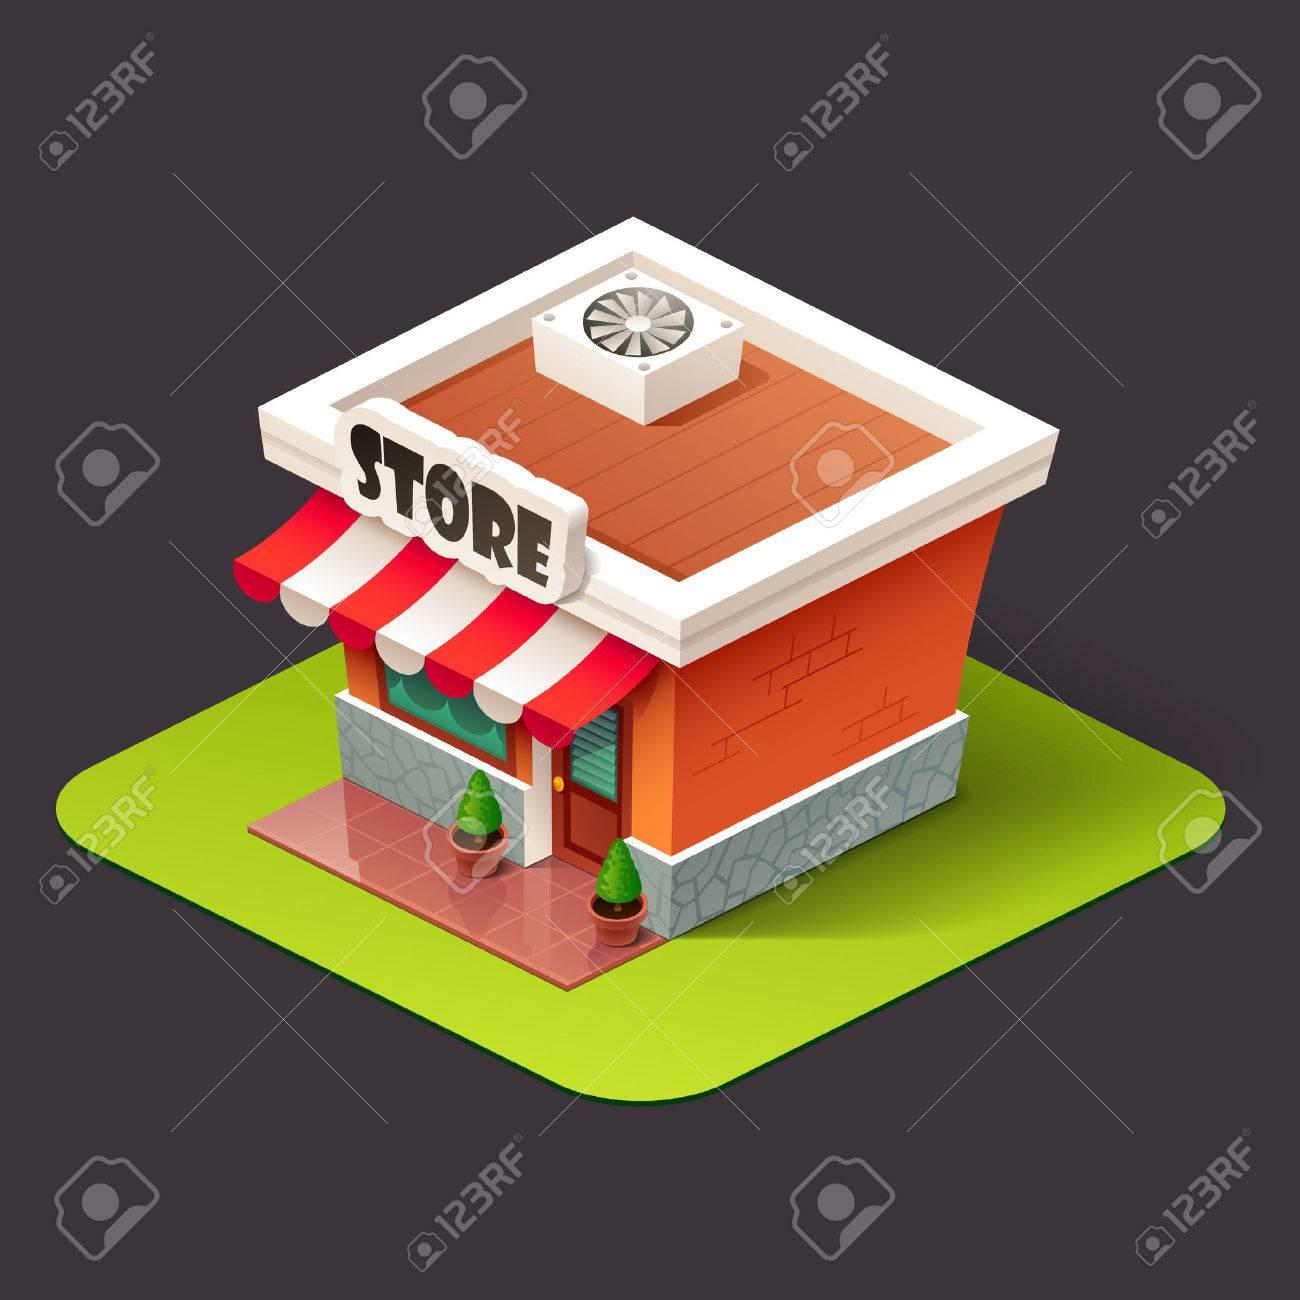 Isometrischen Store-Symbol Standard-Bild - 64942748